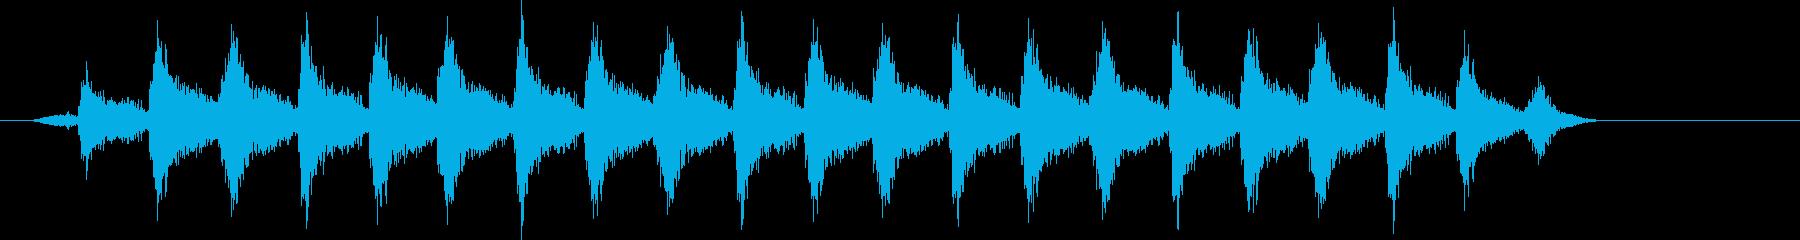 マーチング、ロボットスペースロボッ...の再生済みの波形